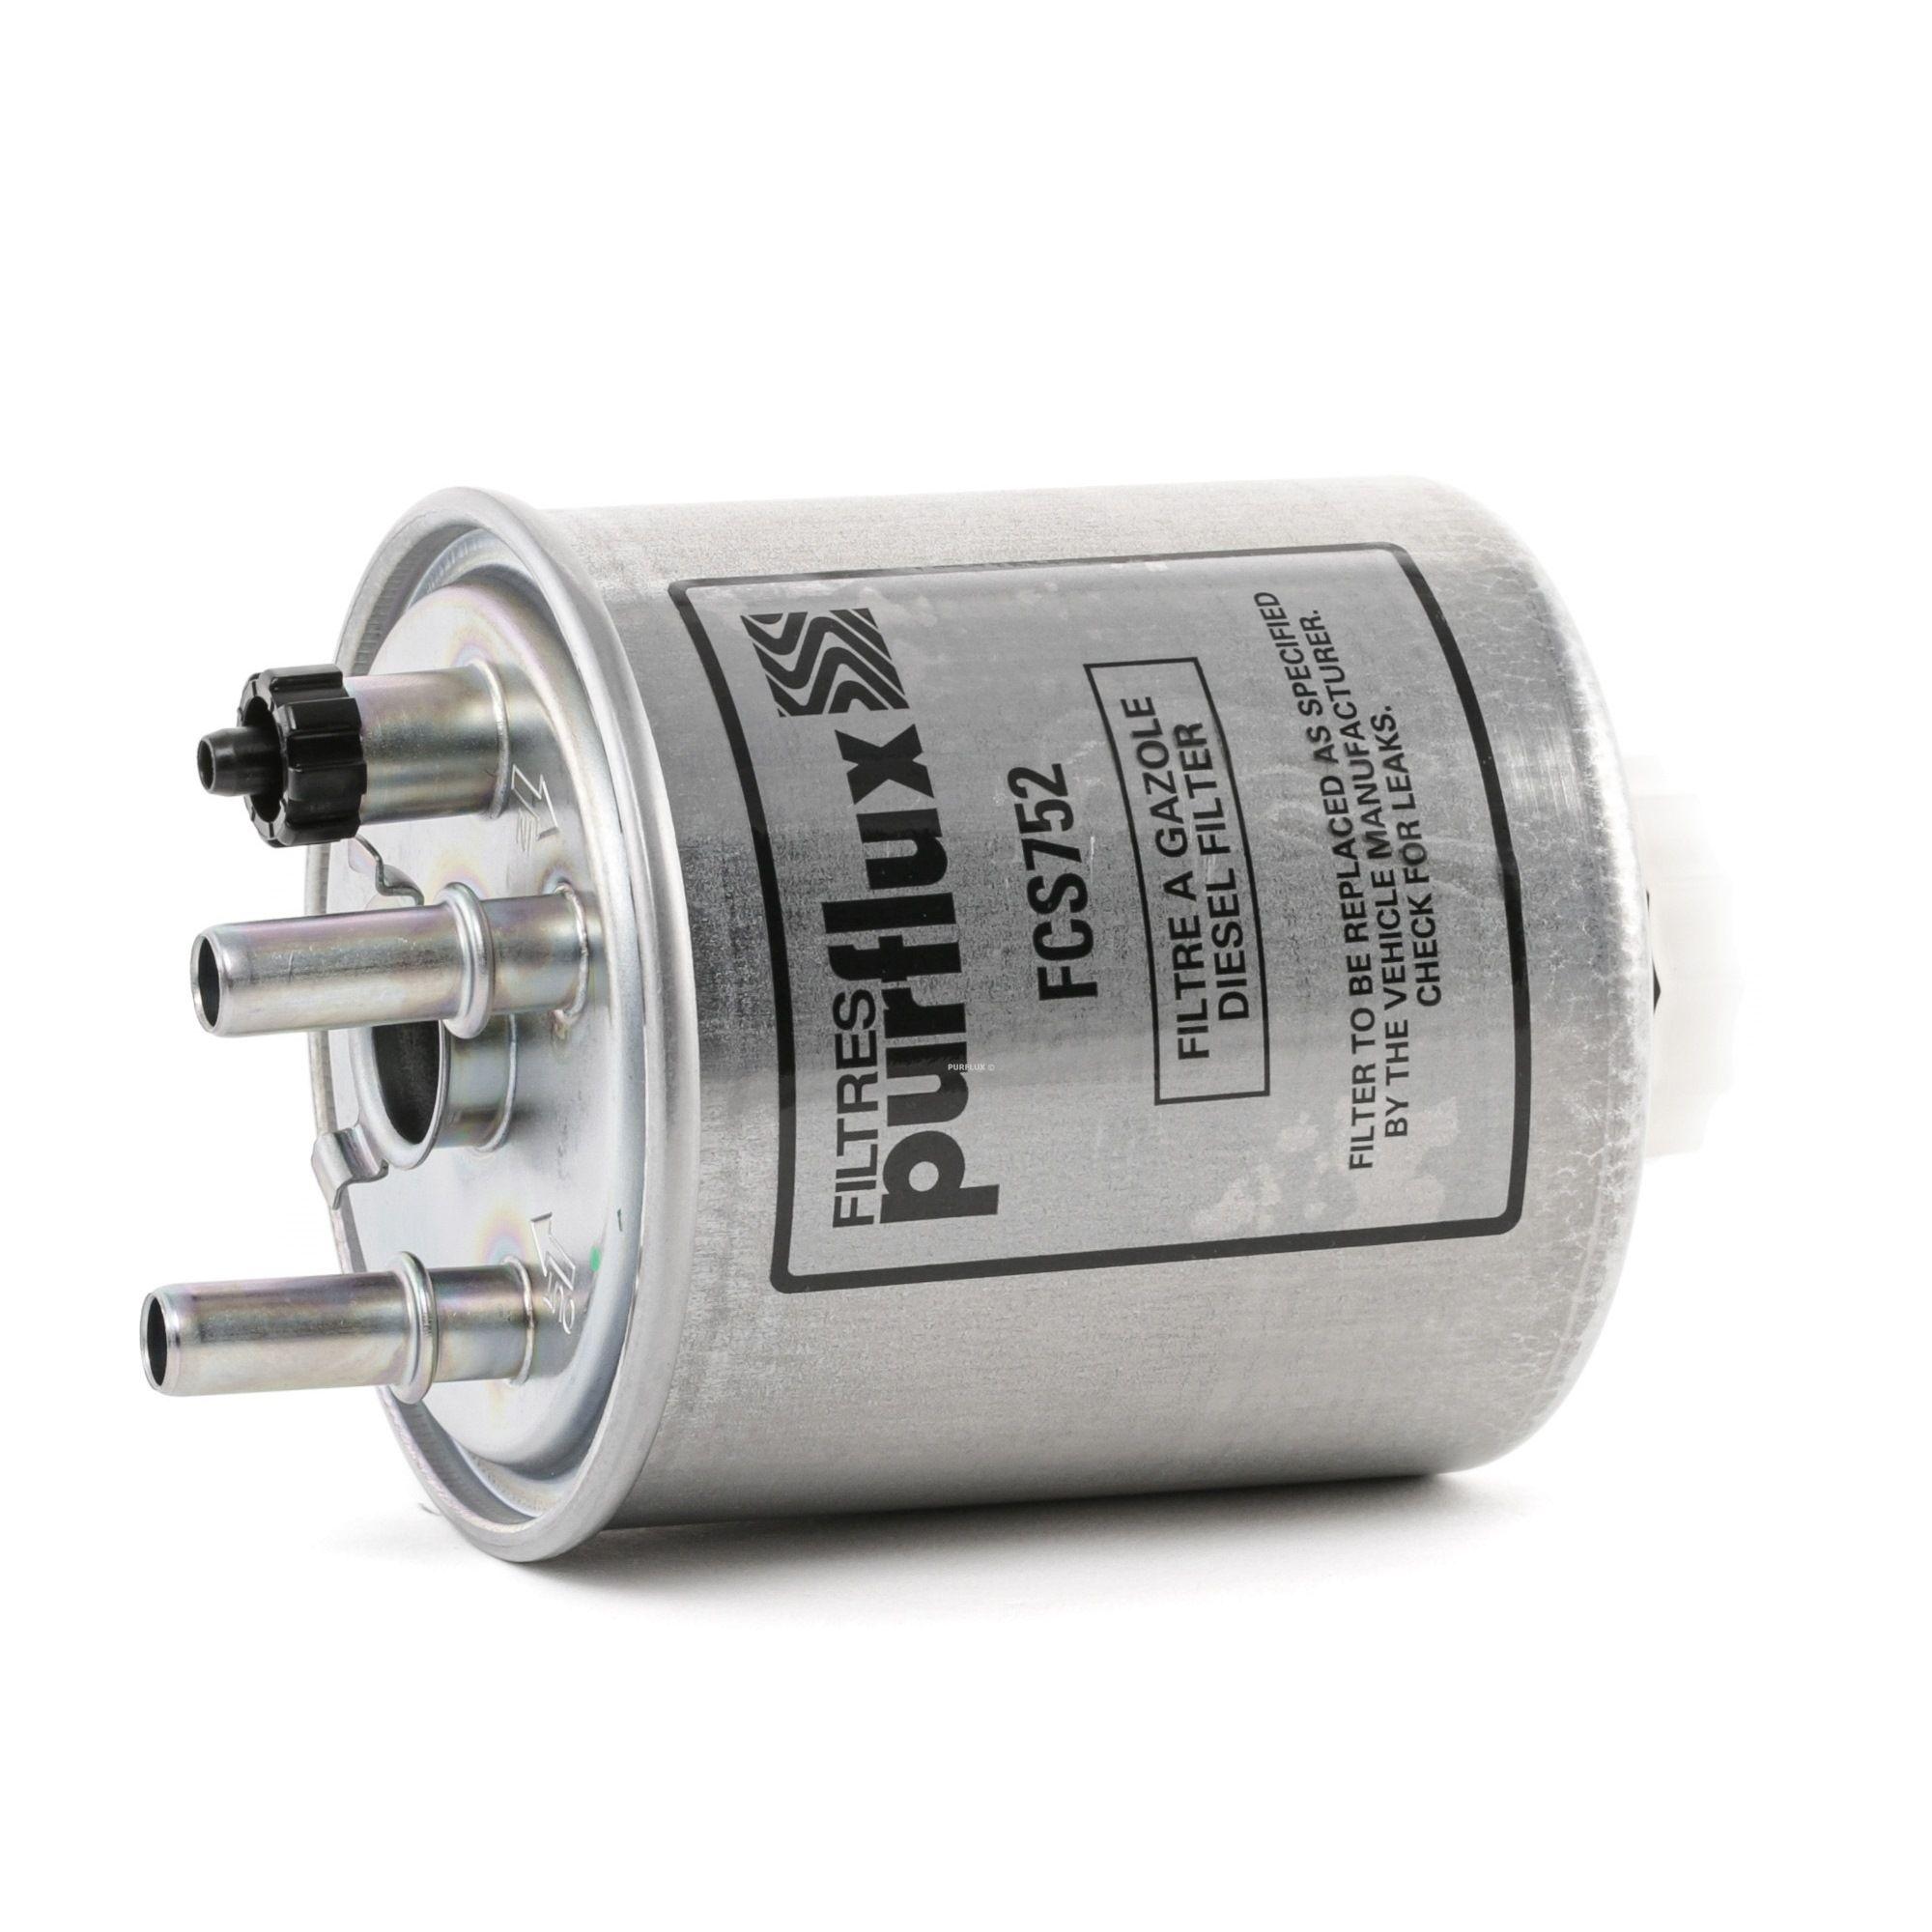 Filtr paliwa FCS752 kupić - całodobowo!